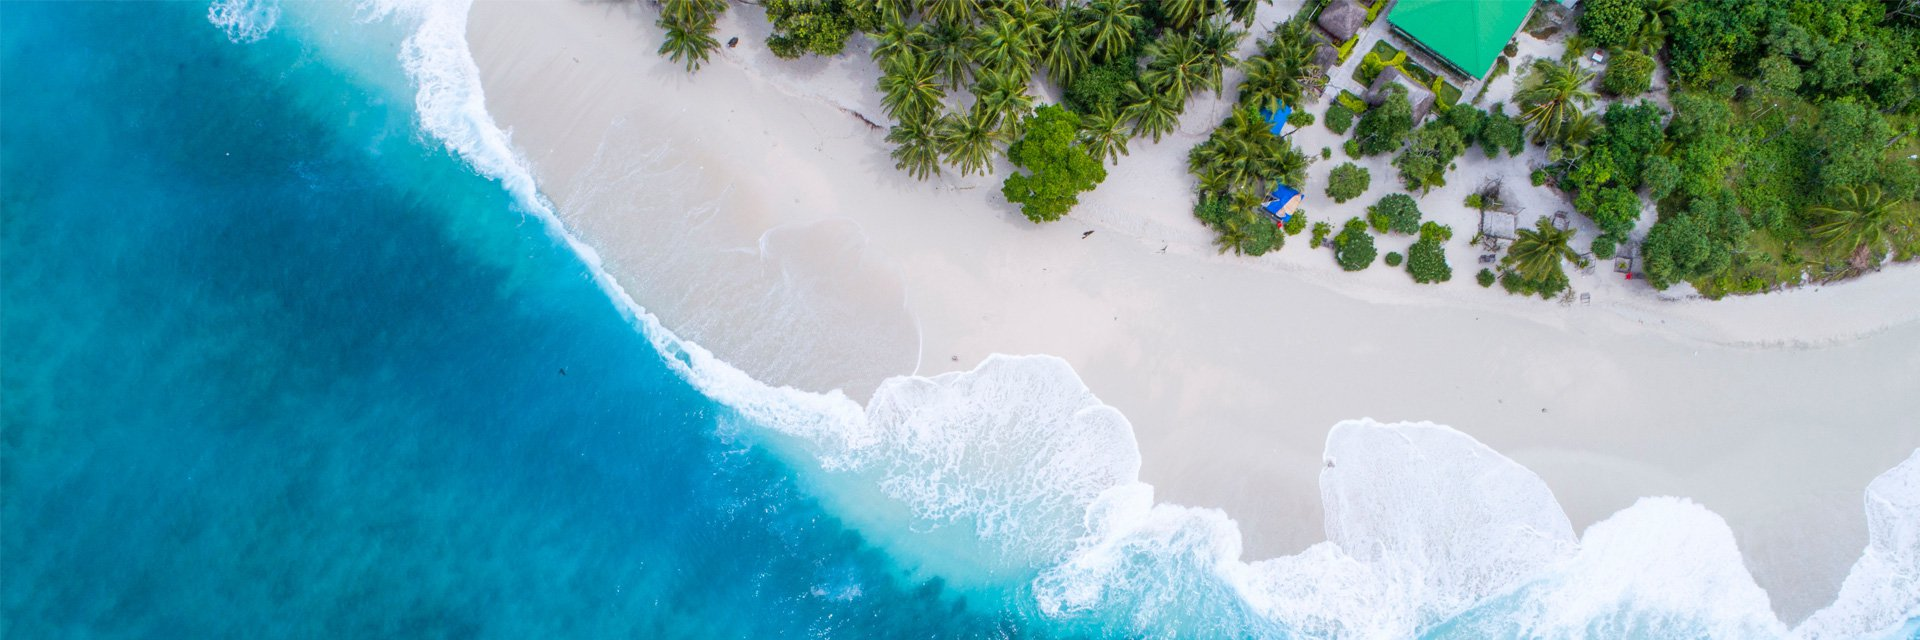 Туры на Мальдивы 2021, путевки из Москвы - цены на отдых на Мальдивах - ПАКС